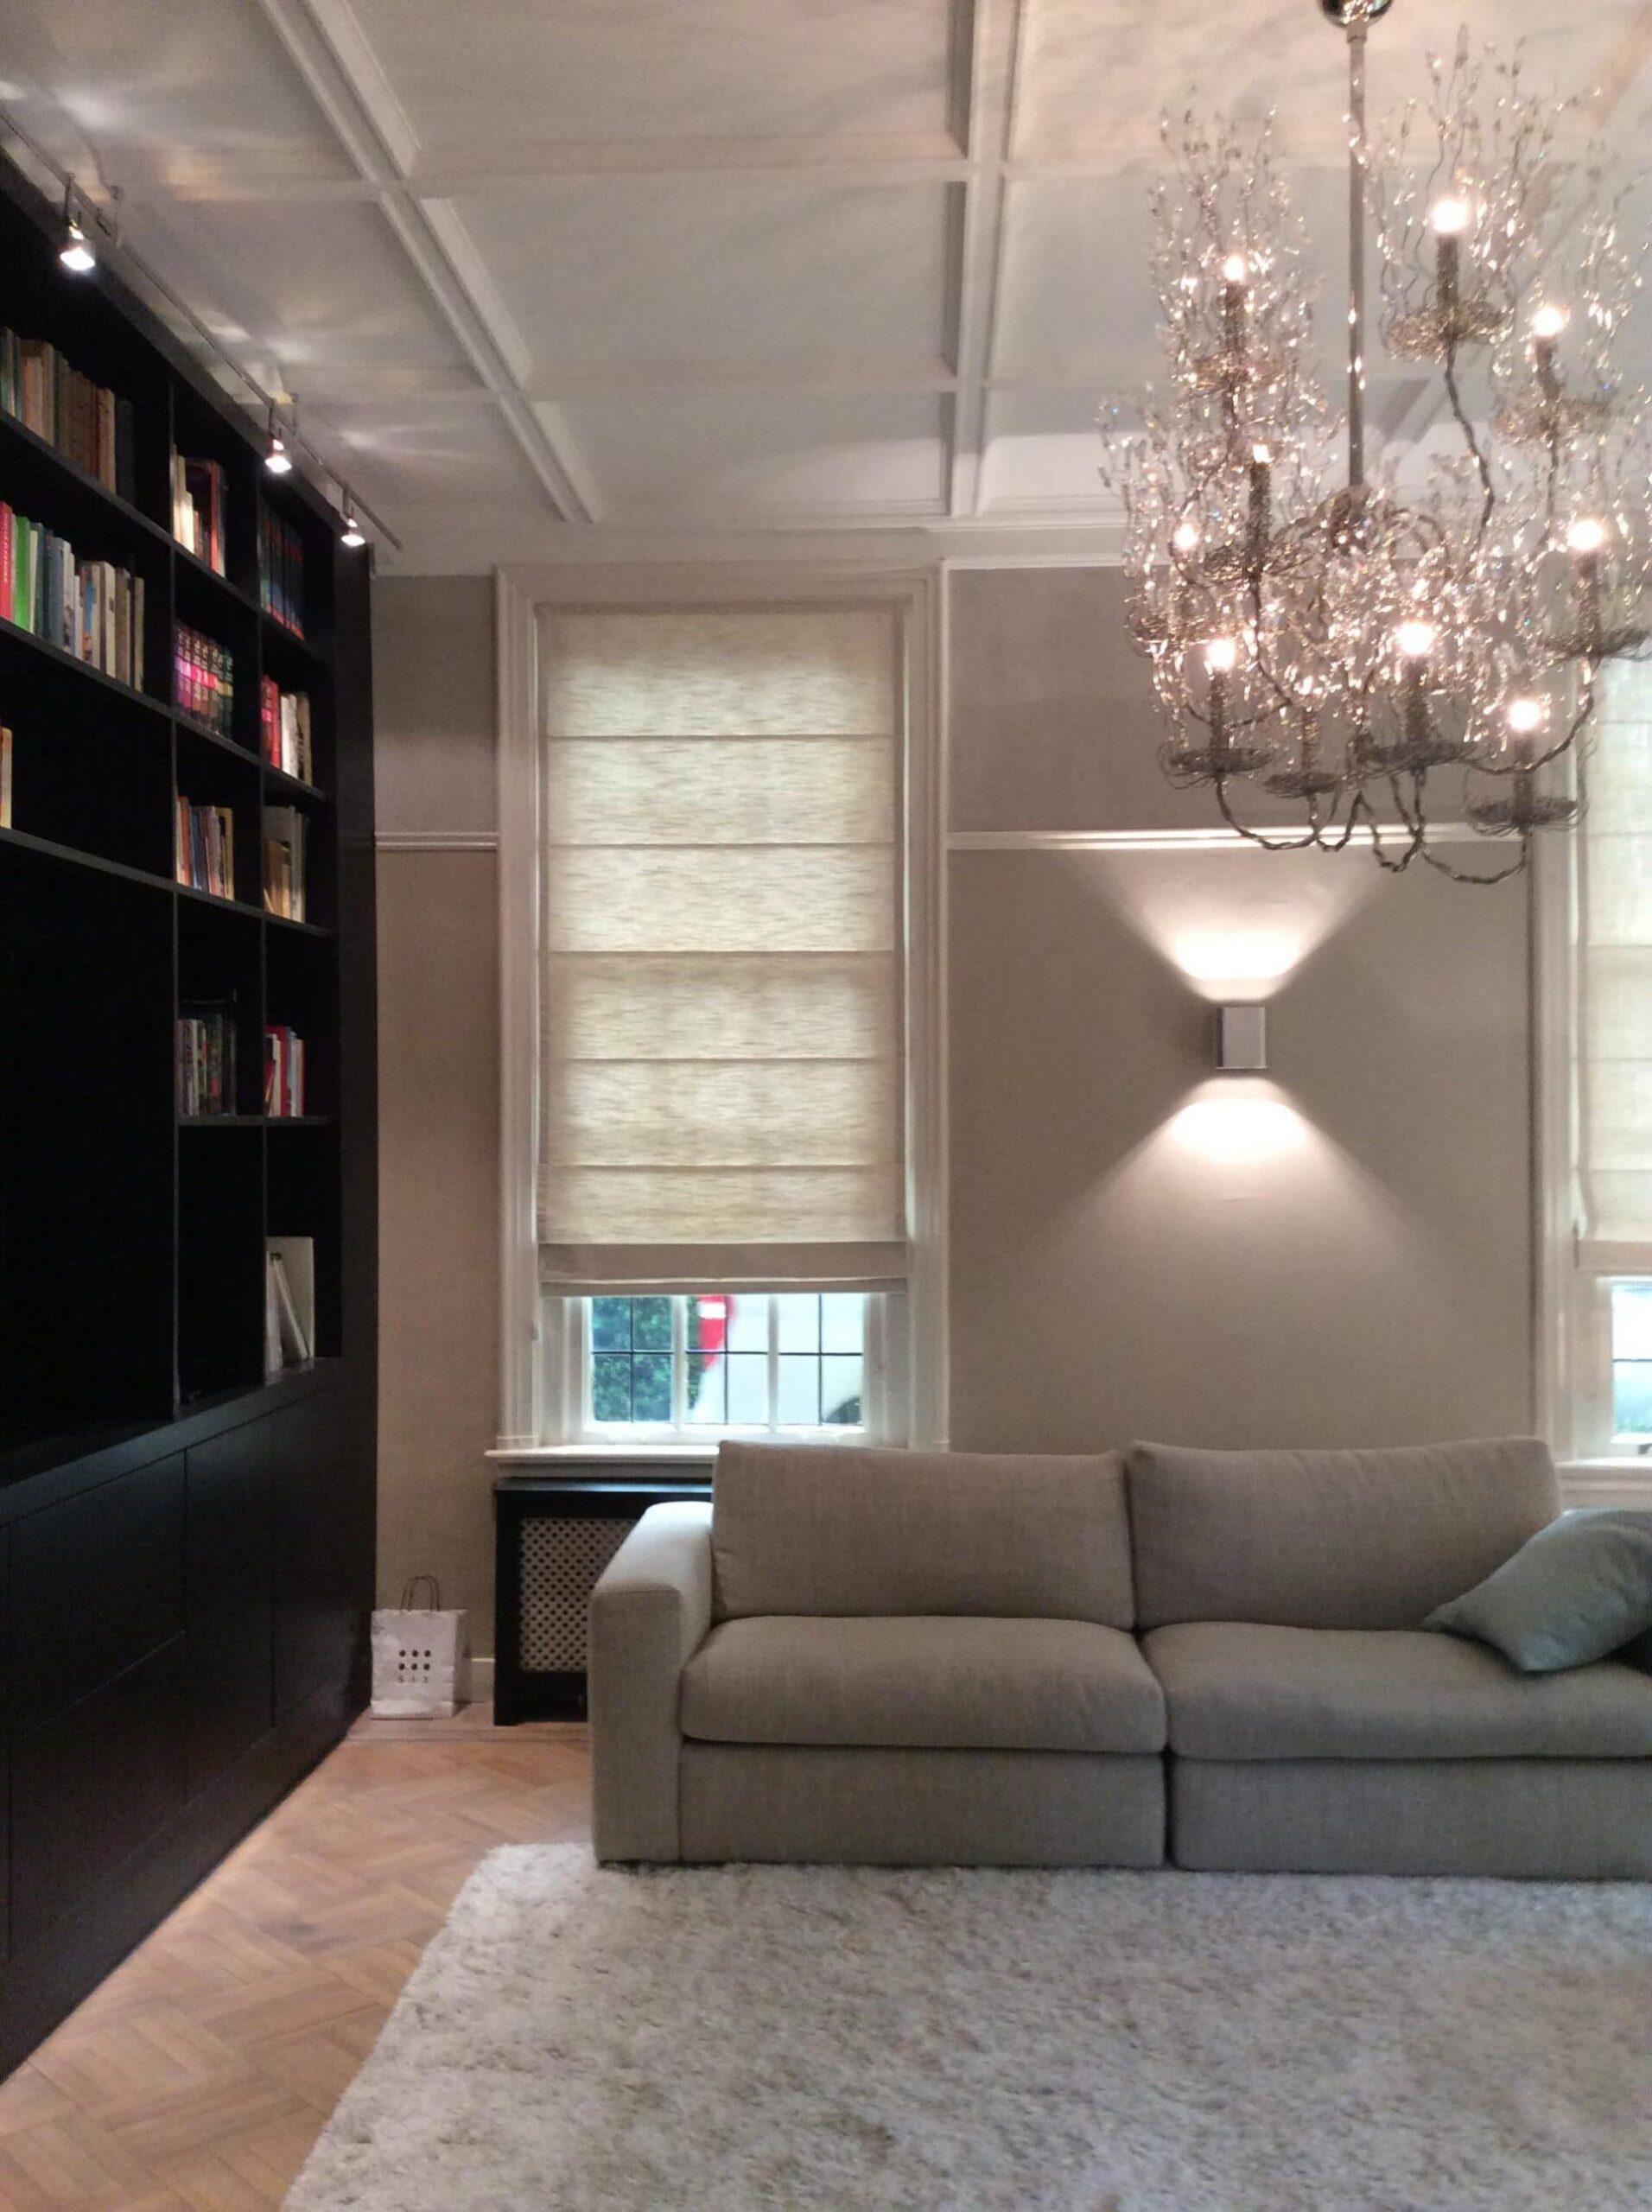 verlichting tv en bibliotheek kamer